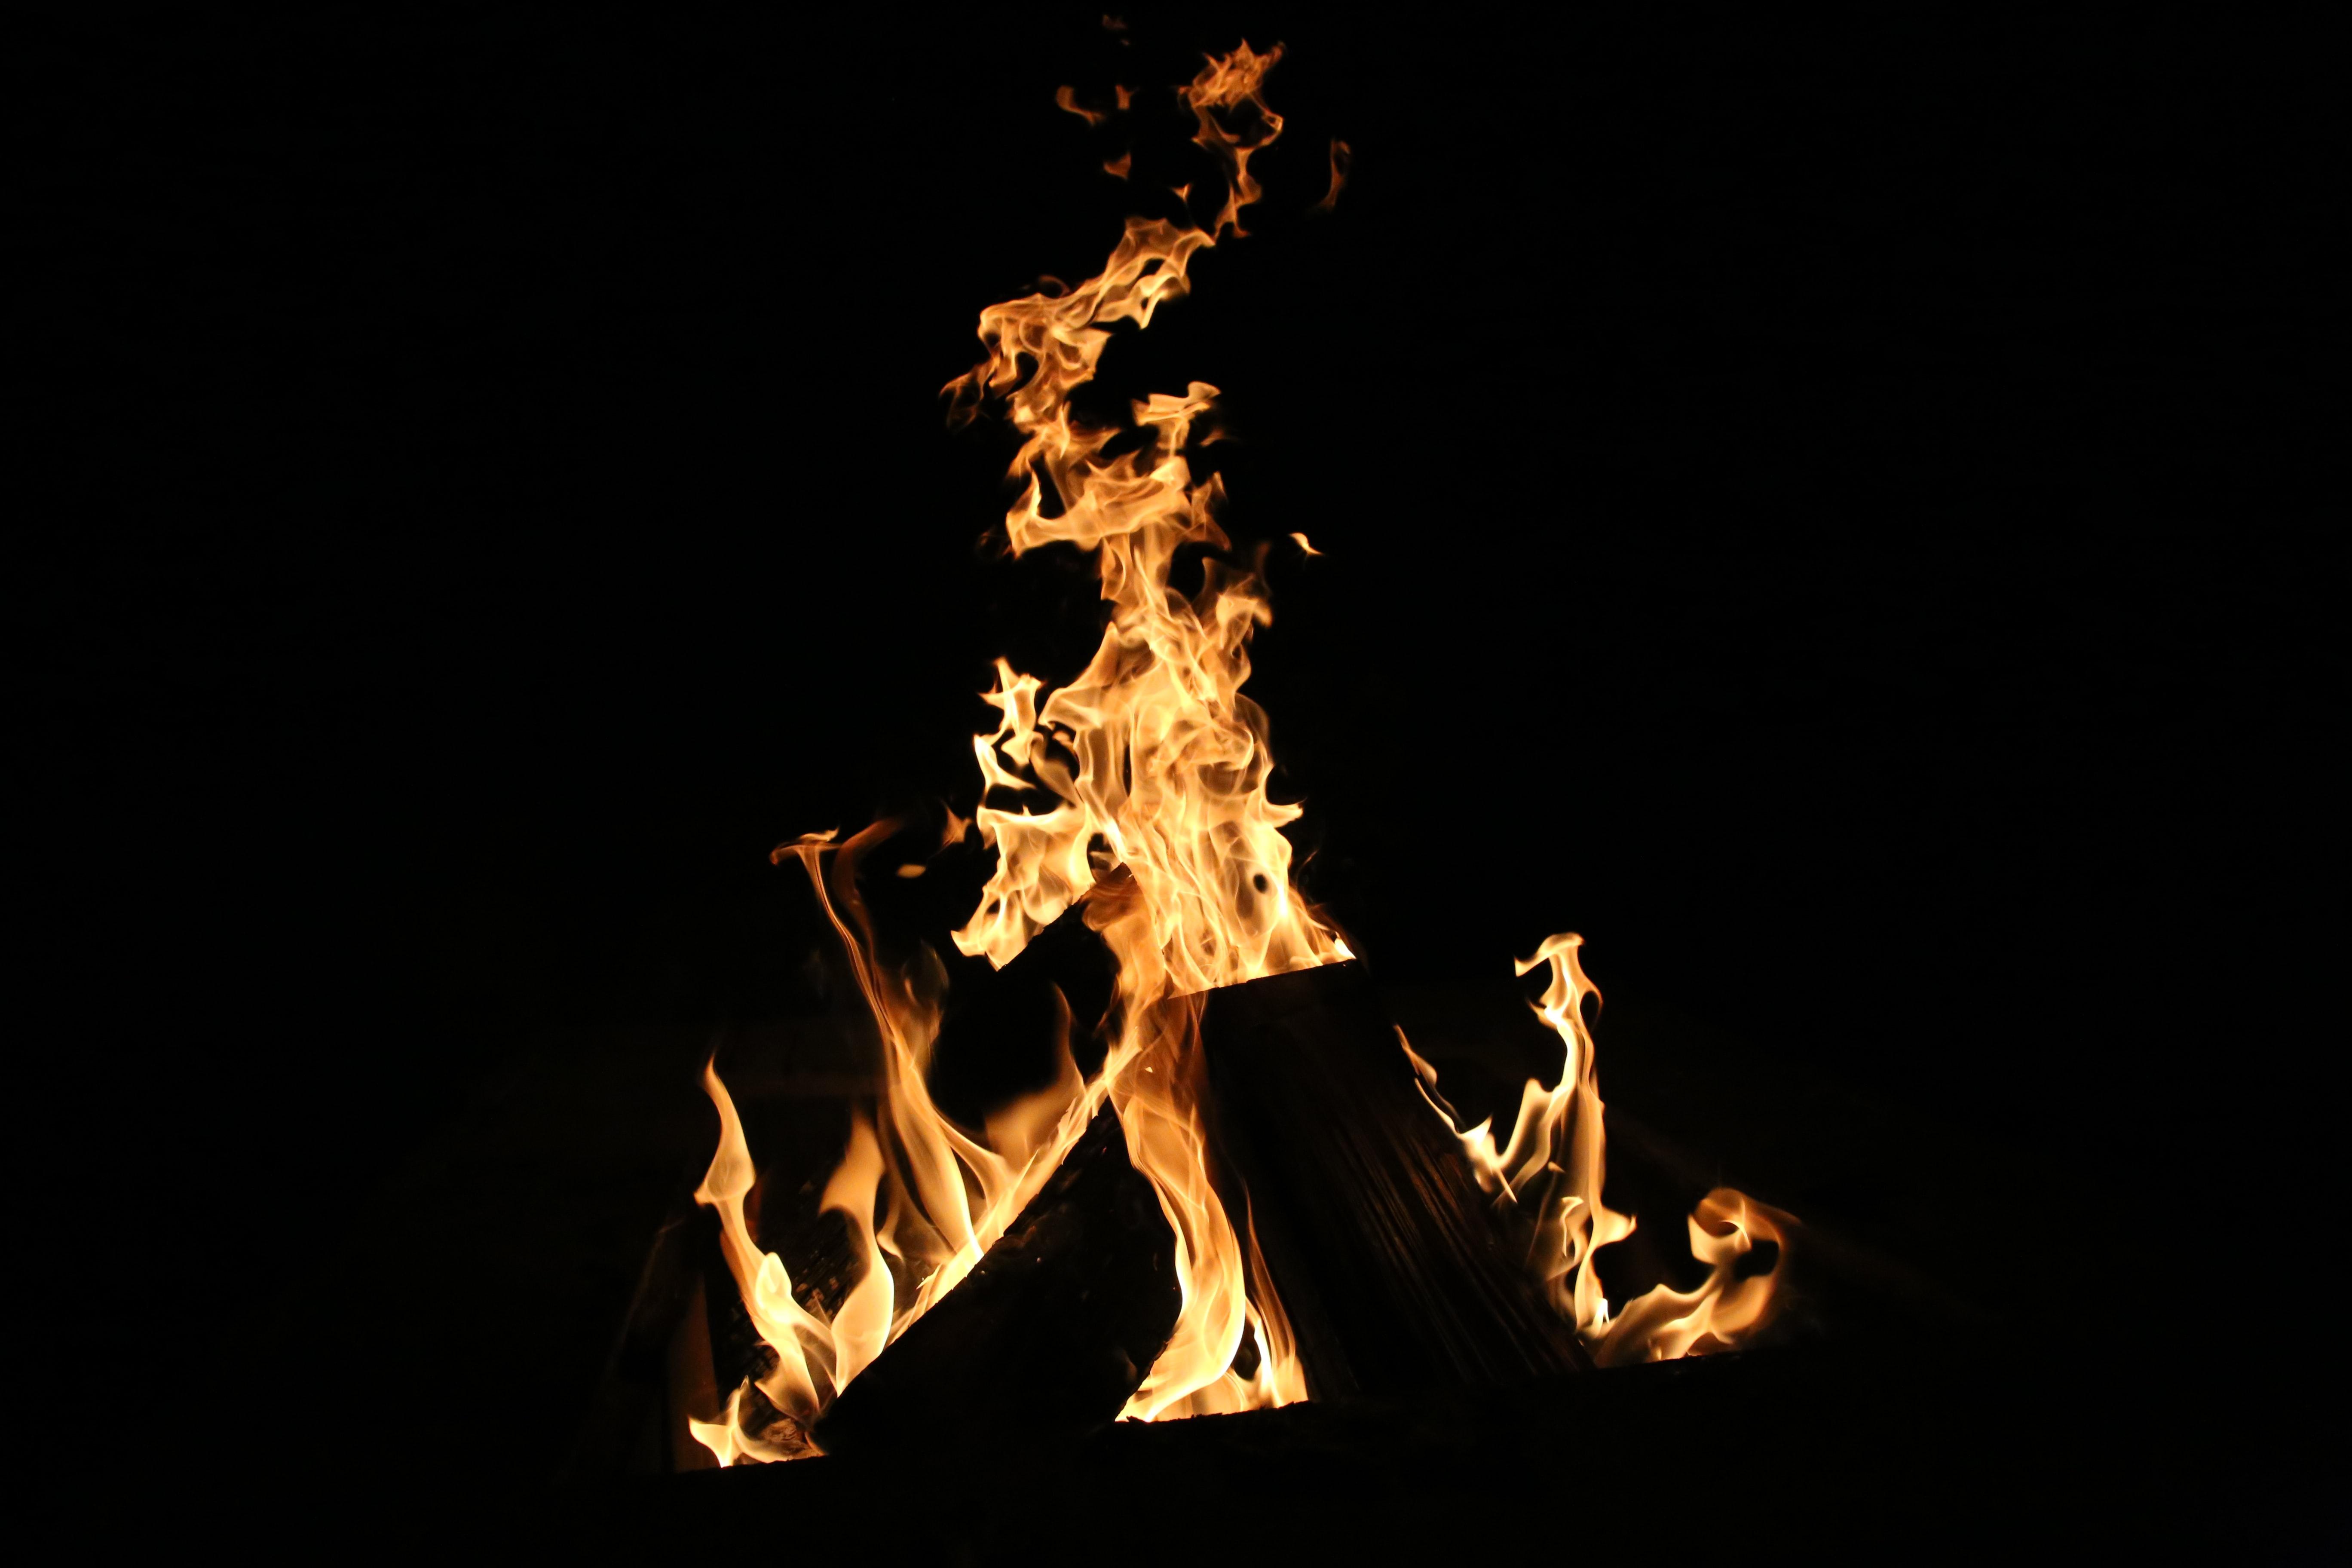 76505 免費下載壁紙 篝火, 火, 火焰, 黑色的, 黑暗的, 黑暗 屏保和圖片